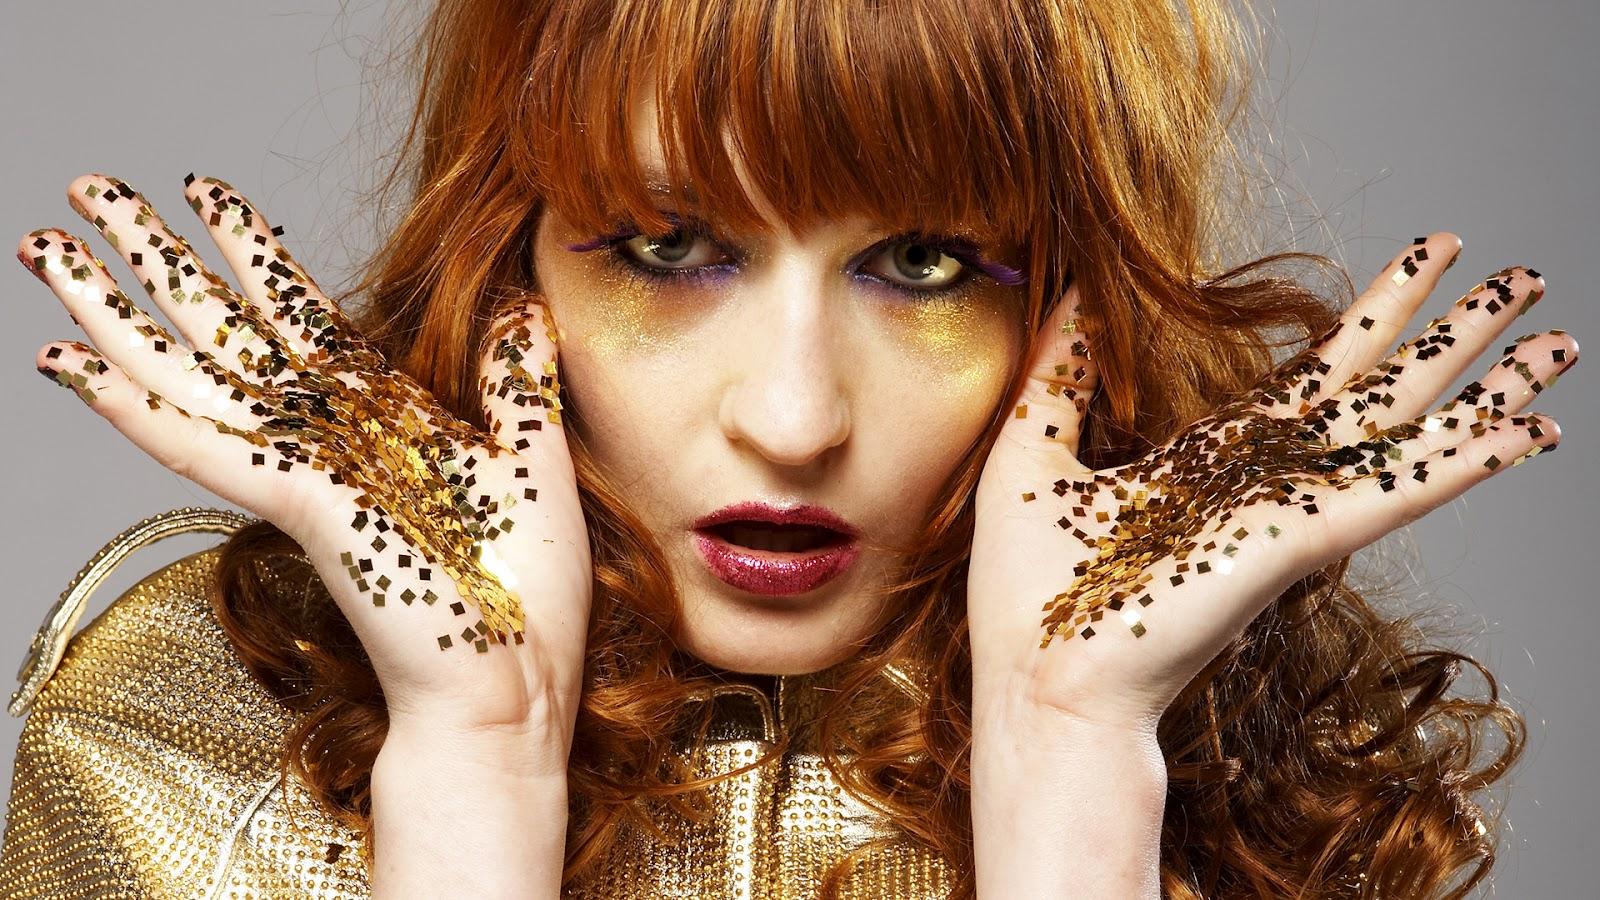 Florence de dorado